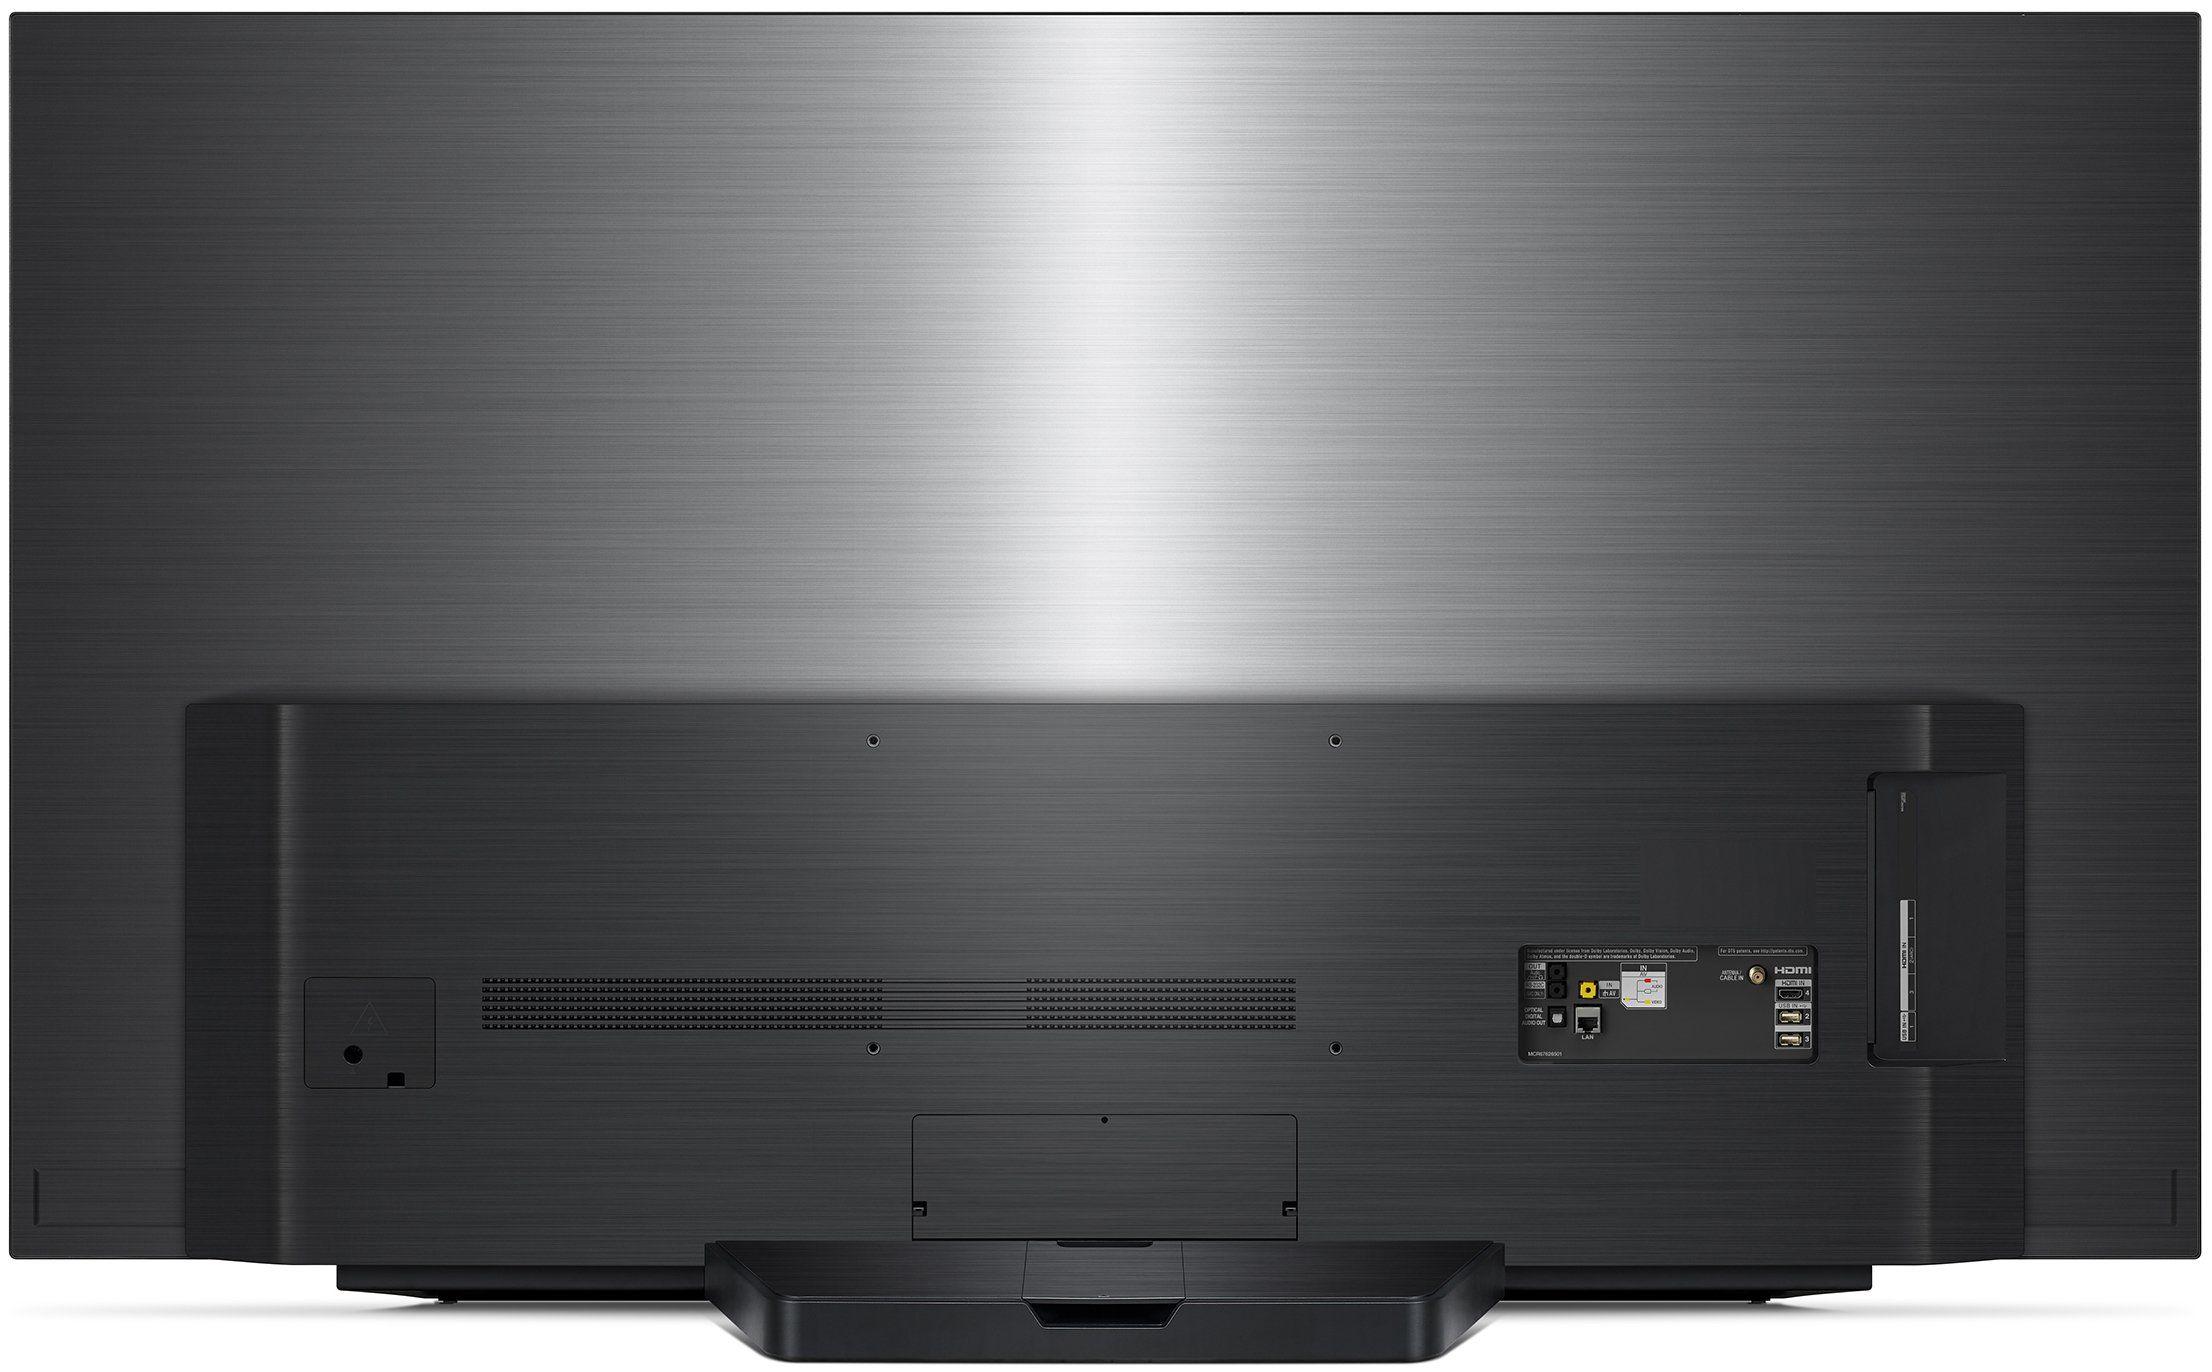 LG C9PUA Series 55 Inch OLED 4K UHD HDR Smart TV Smart